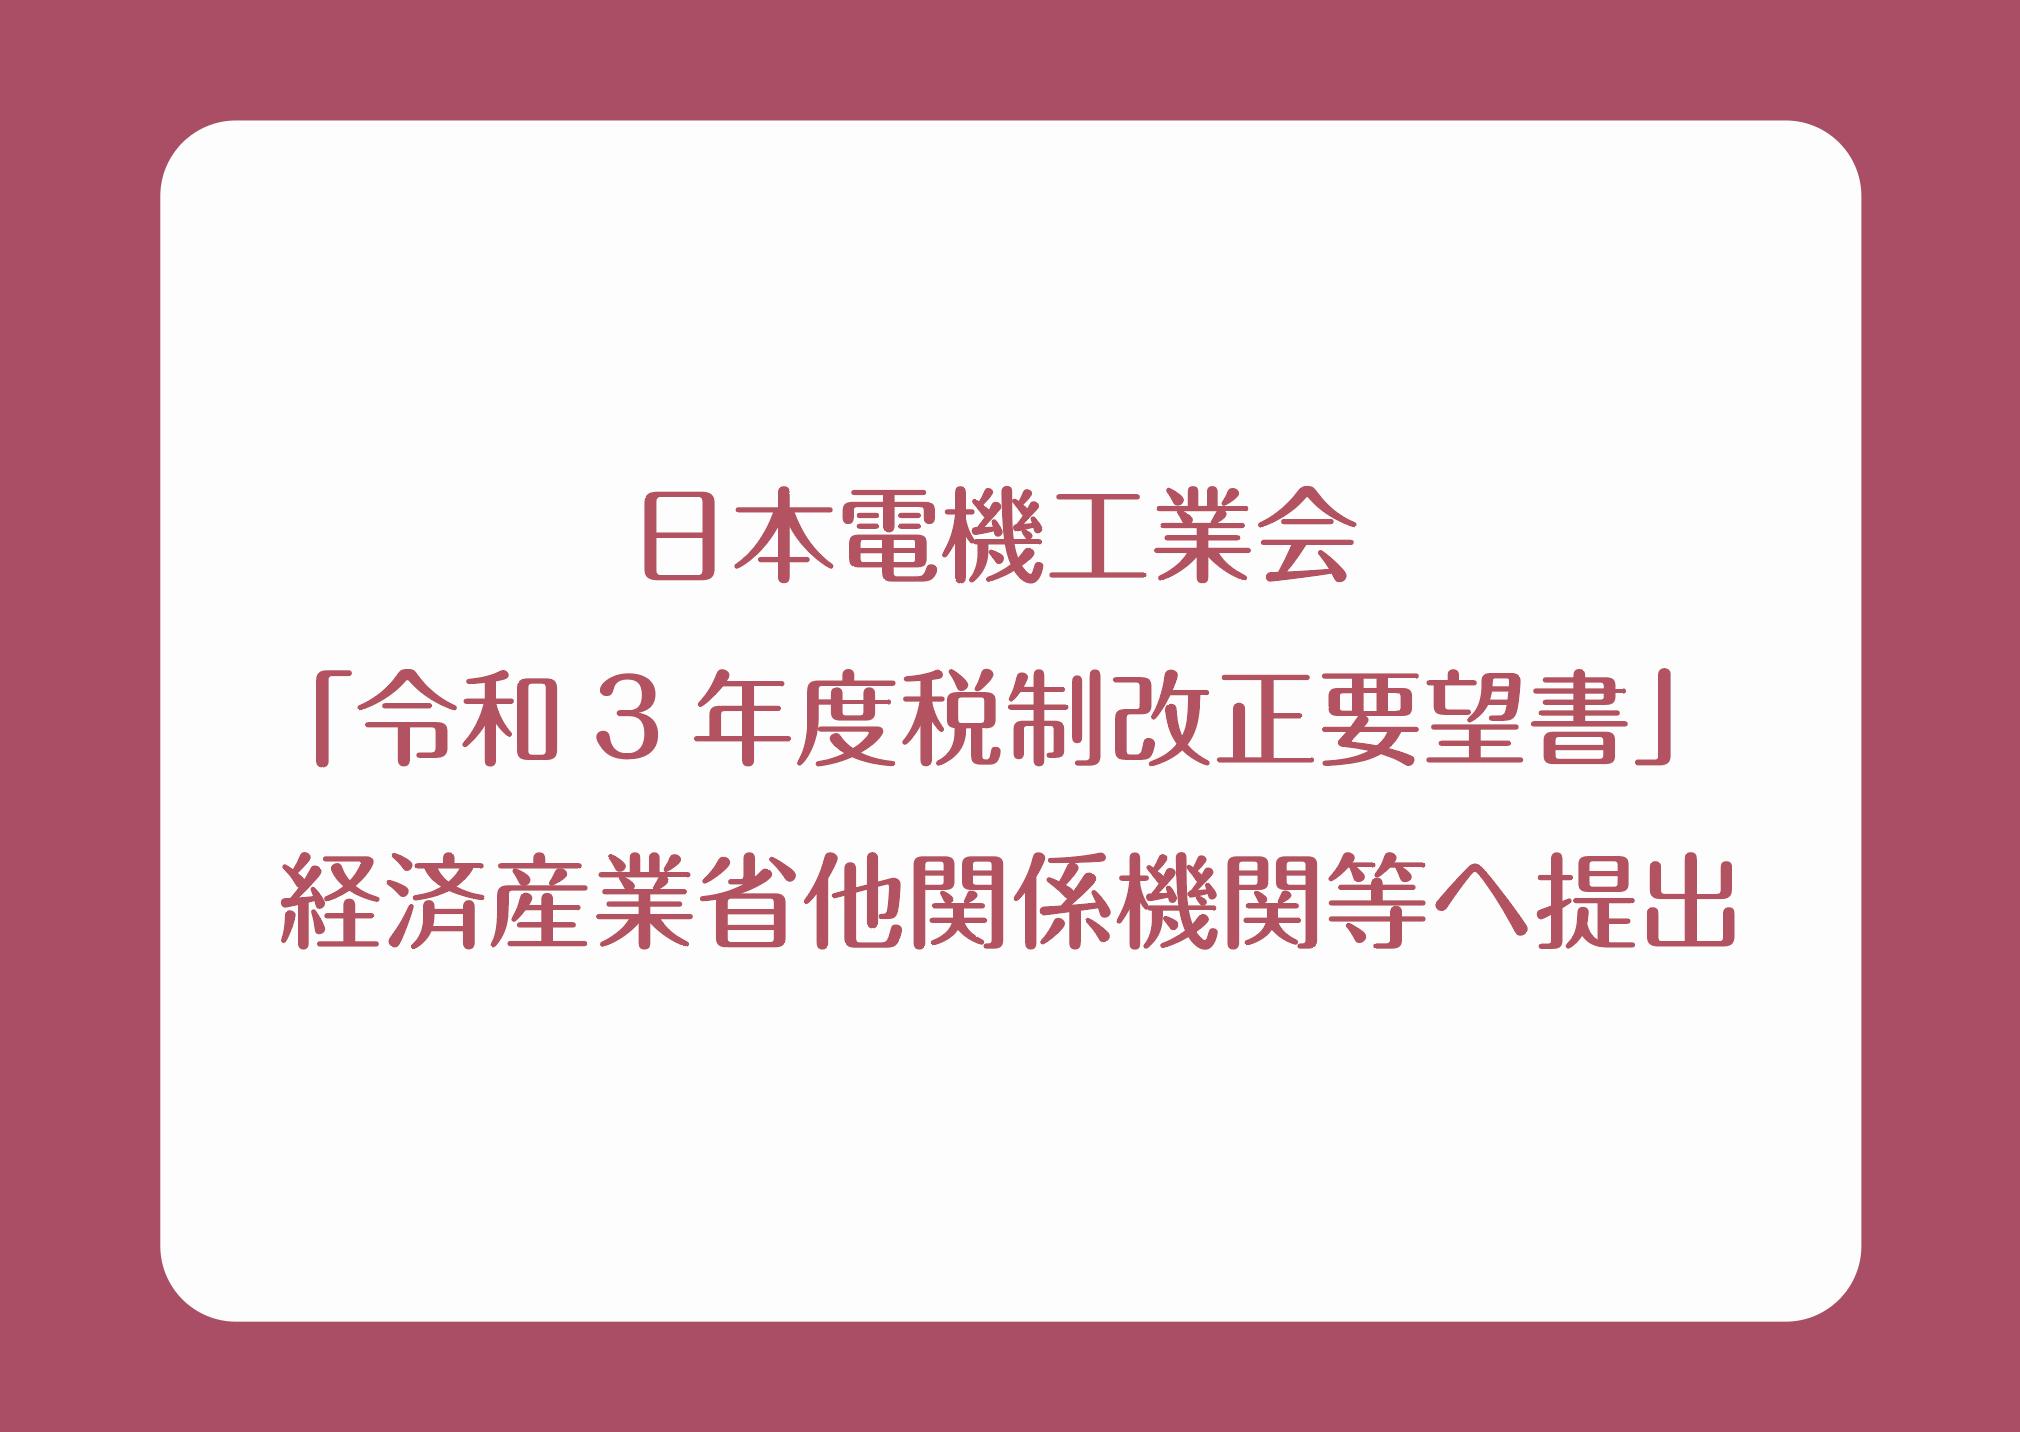 日本電機工業会 「令和3年度税制改正要望書」 経済産業省他関係機関等へ提出の画像